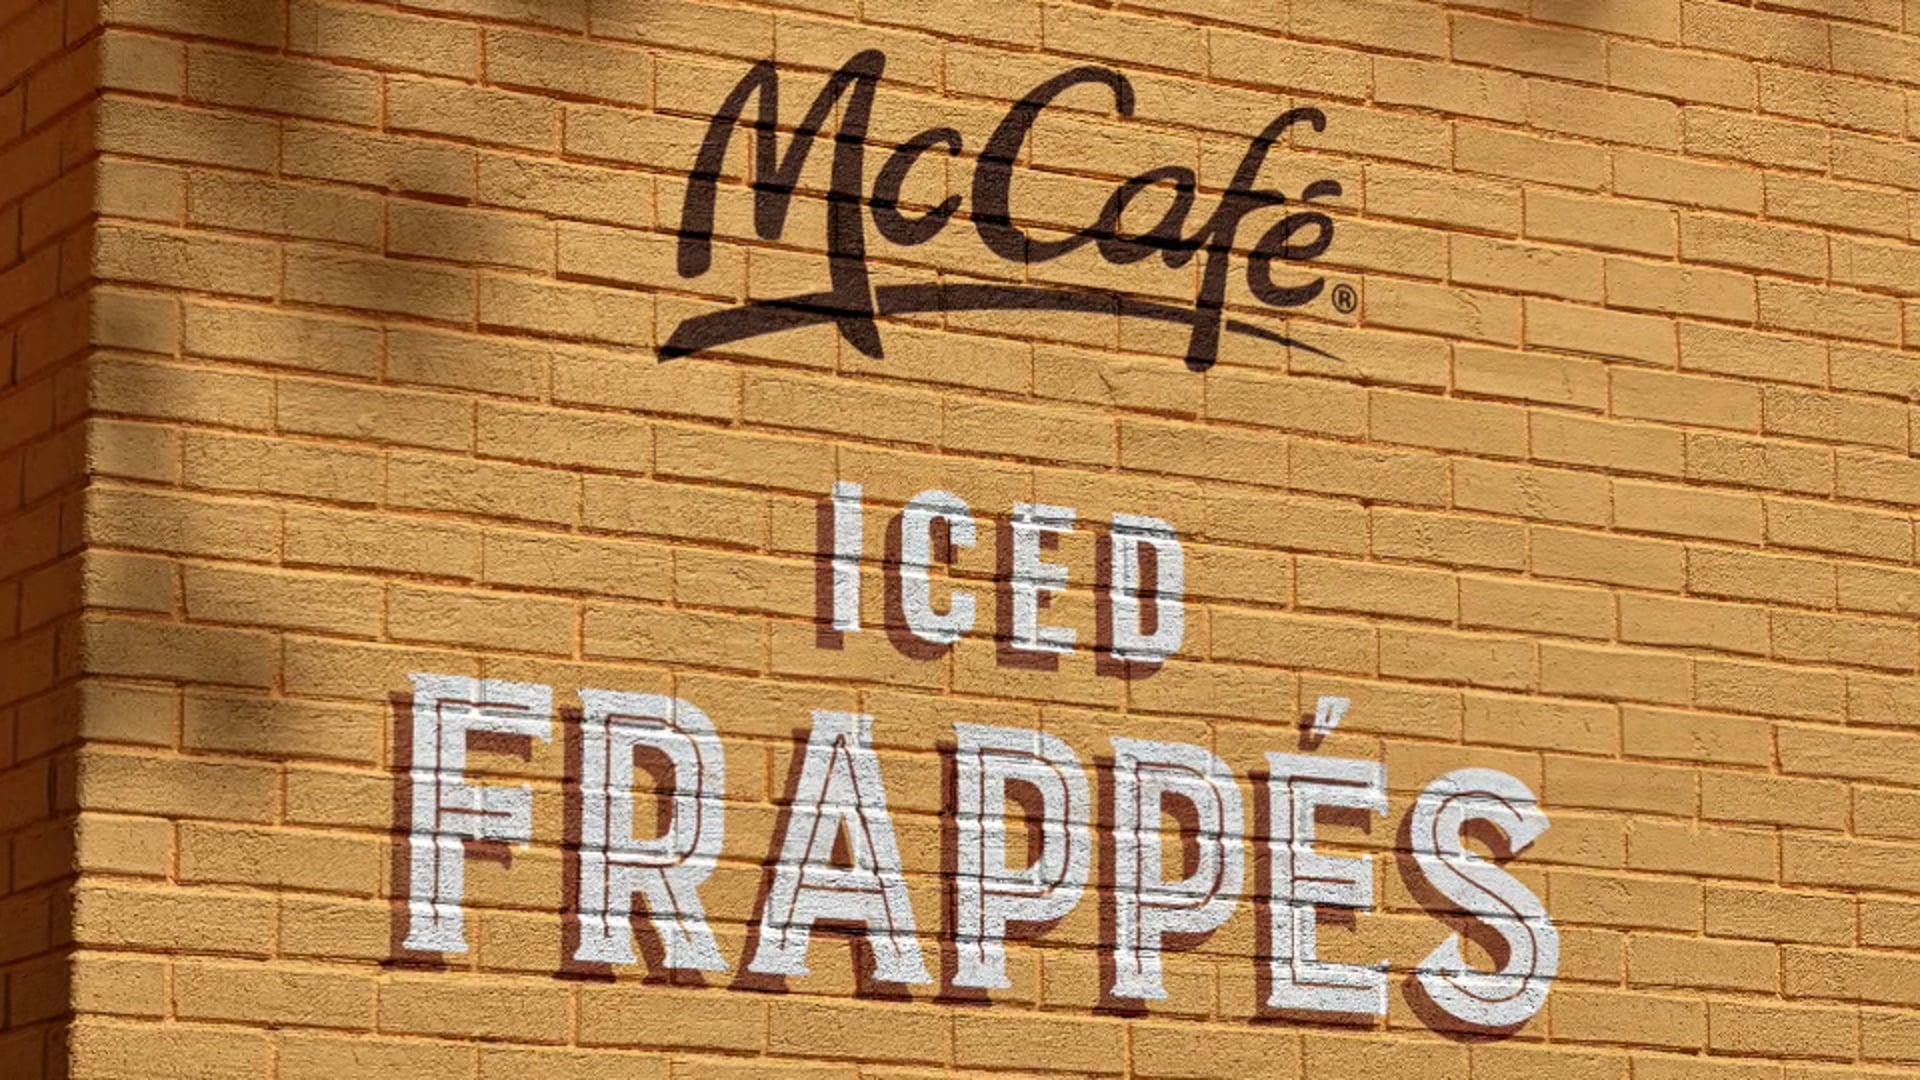 MMD_design_DC_MCCF0559T15E_Frappe